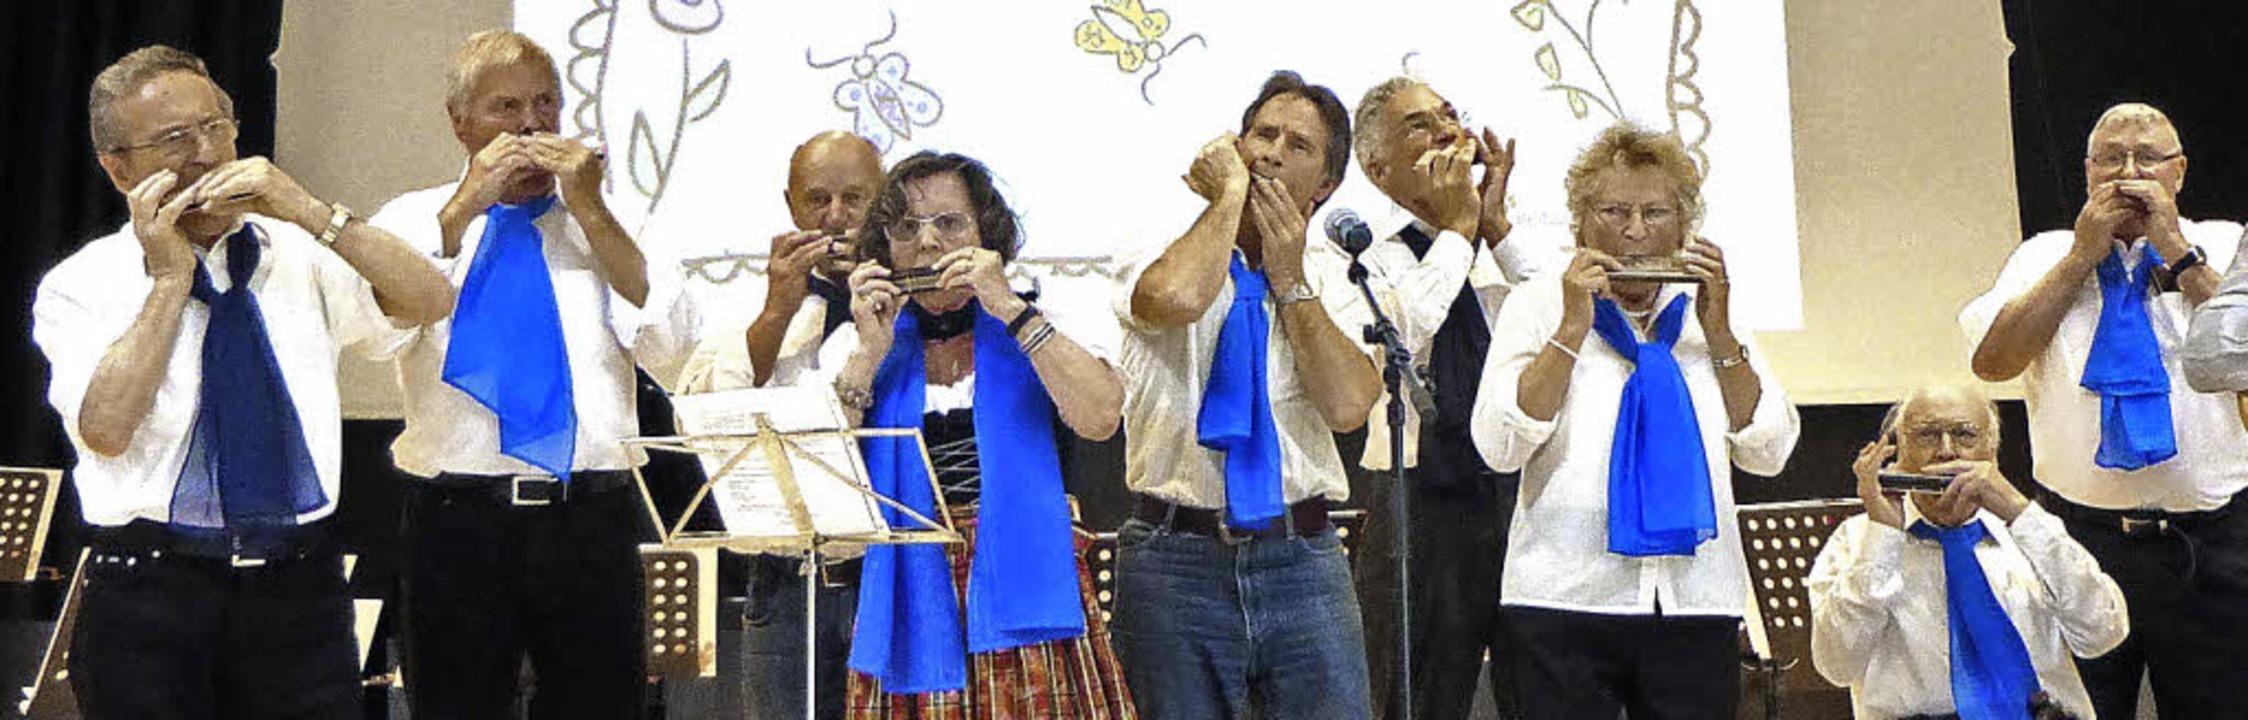 Die Mundharmonikafreunde Breisgau bei ihrem Auftritt im Forum.  | Foto: Anne freyer